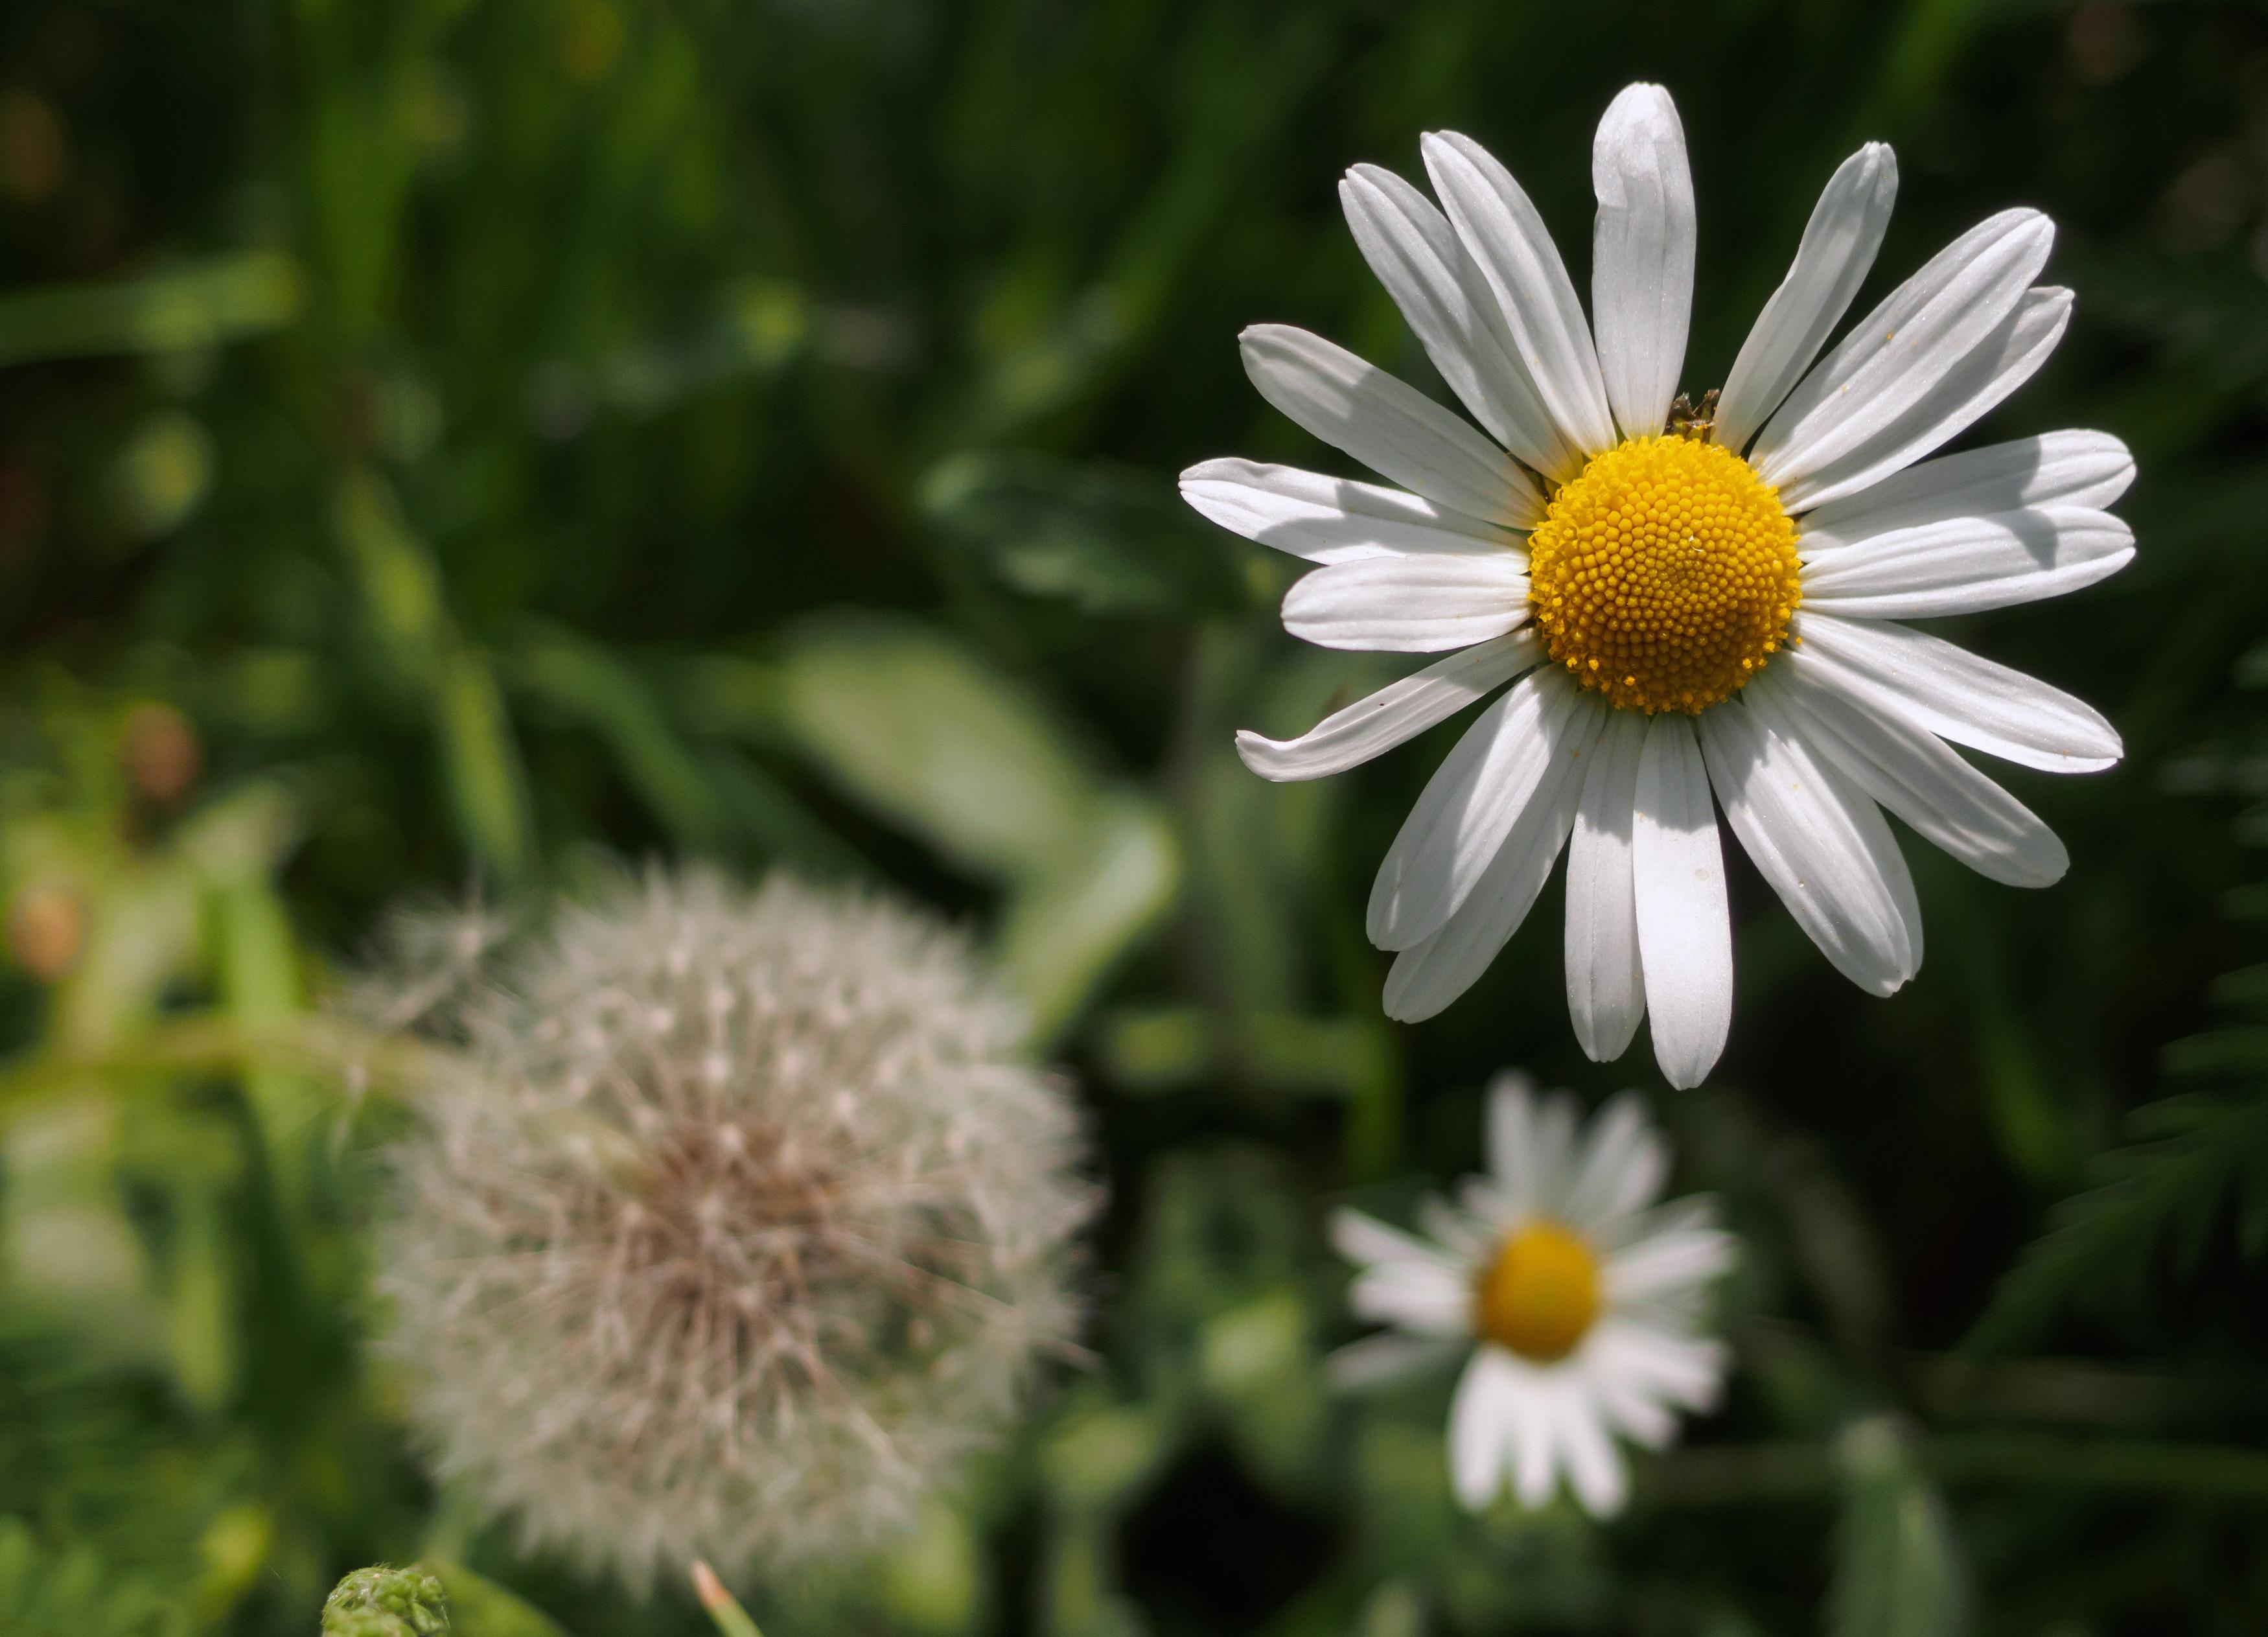 leucanthemum flower free stock images by libreshot